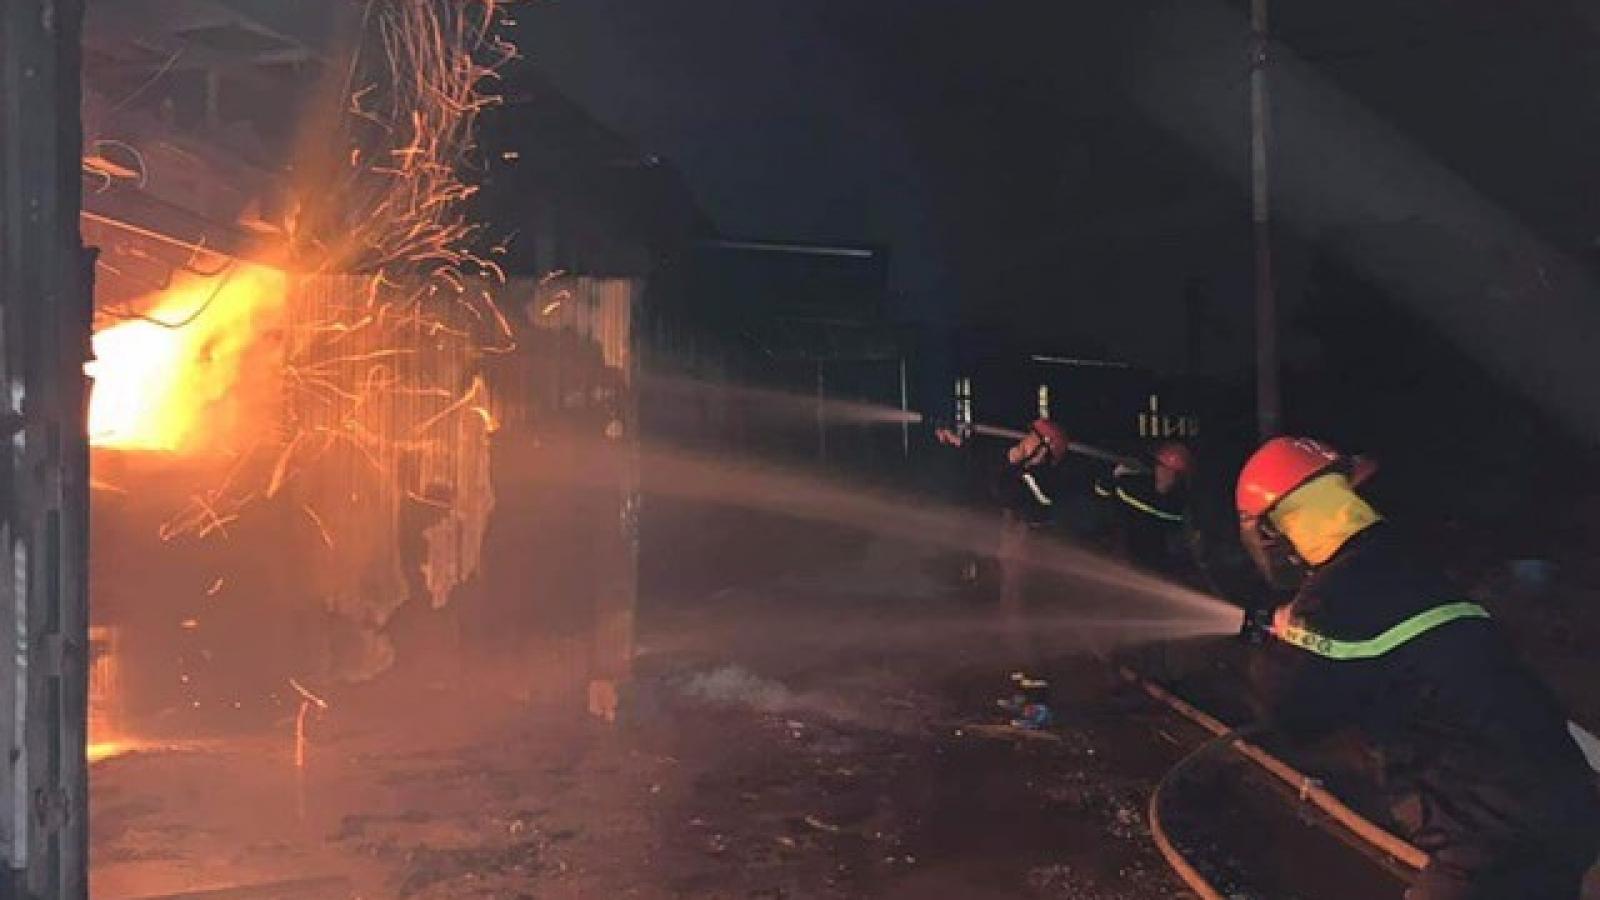 Dập tắt đám cháy xưởng chế biến gỗ sau gần 1 giờ đồng hồ